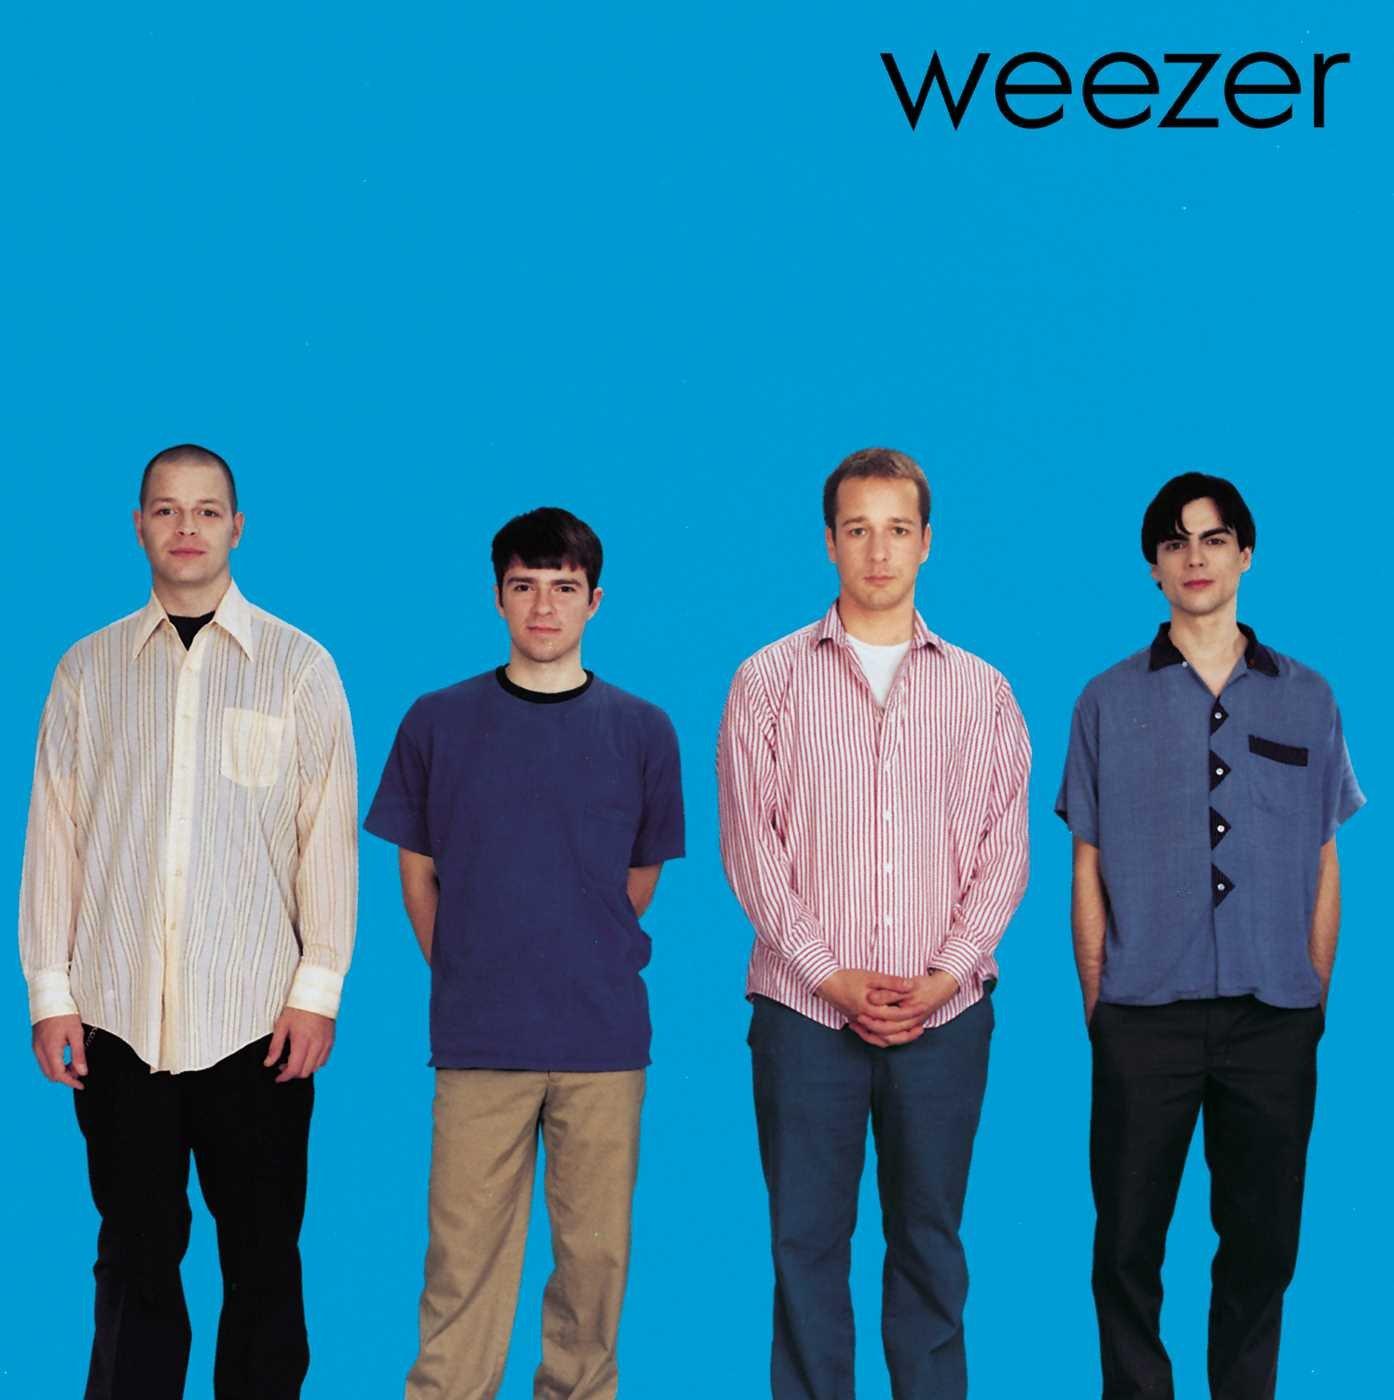 ひたむきなロックをいつまでも!「Weezer」(ブルーアルバム)